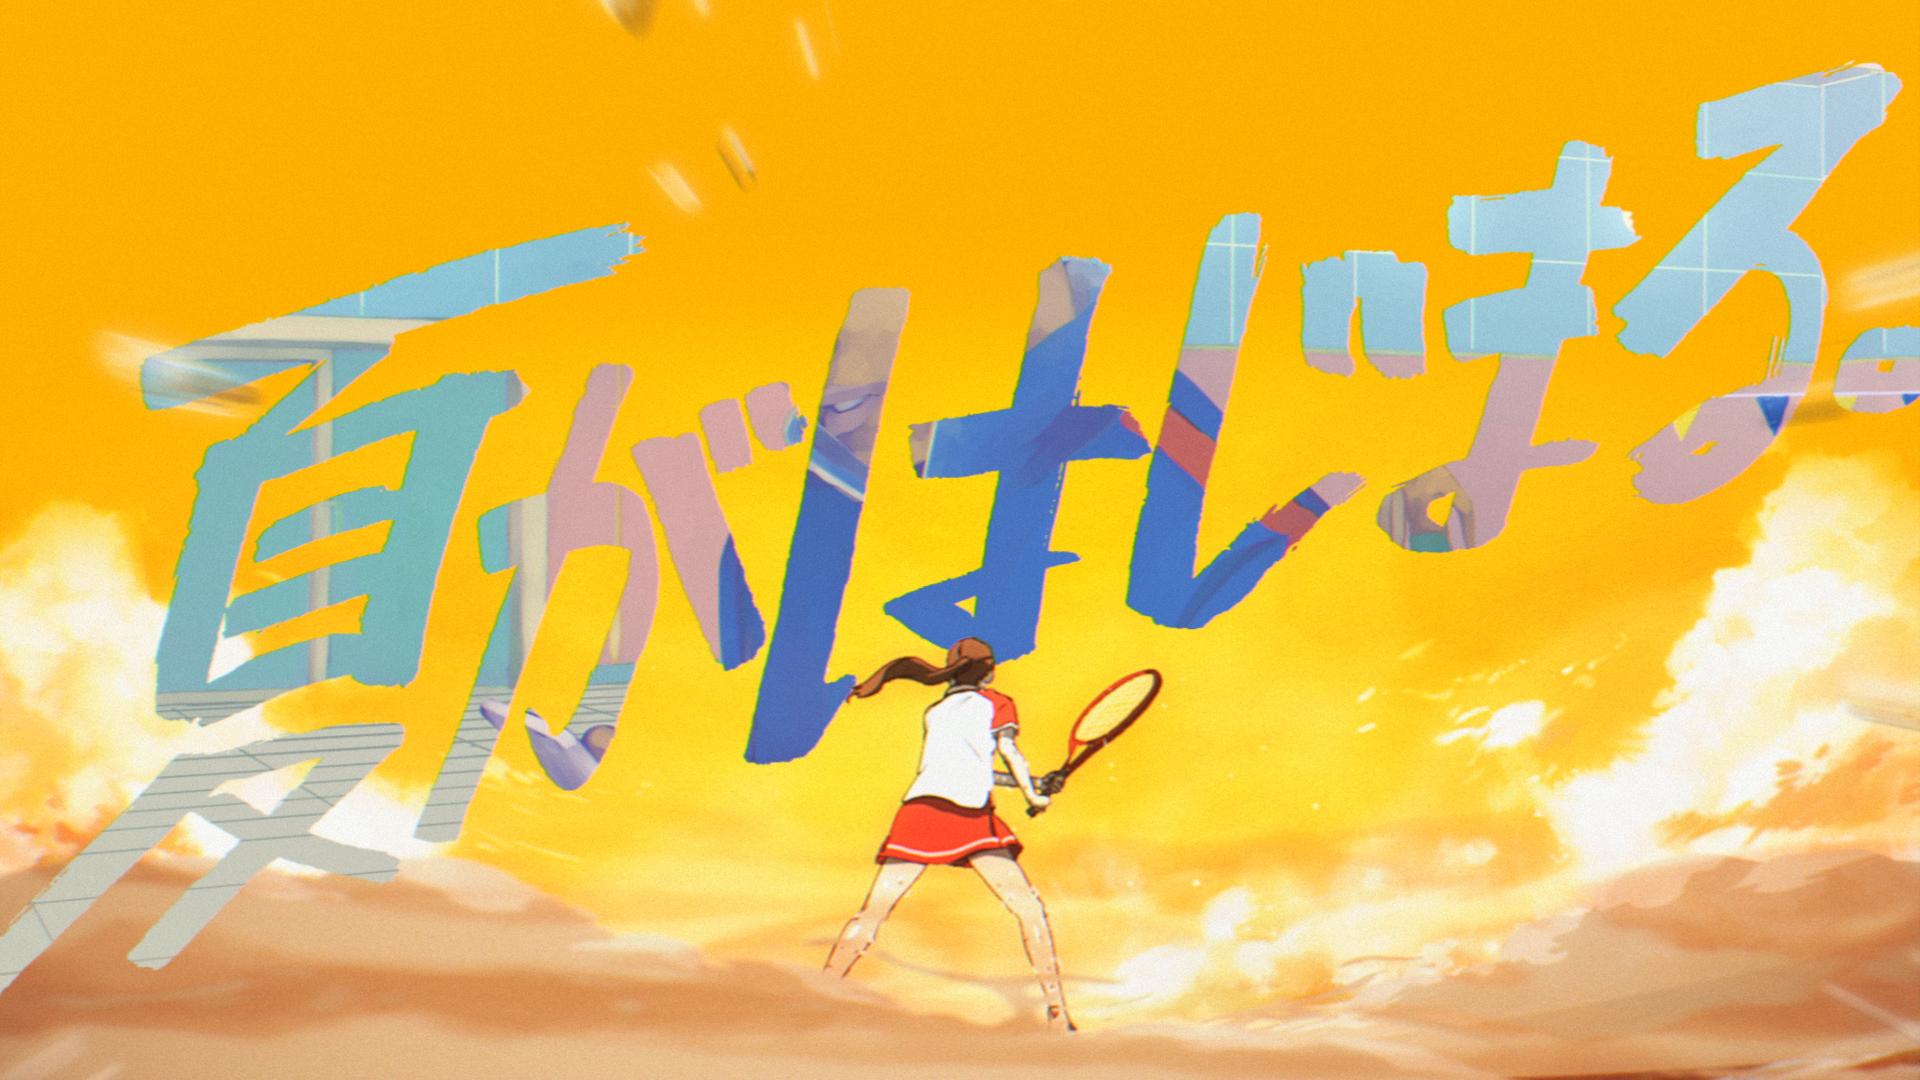 """高校生の""""夏の熱量""""描くカロリーメイトのWeb動画『夏がはじまる。』編が公開!Orangestar書き下ろしの新曲も"""